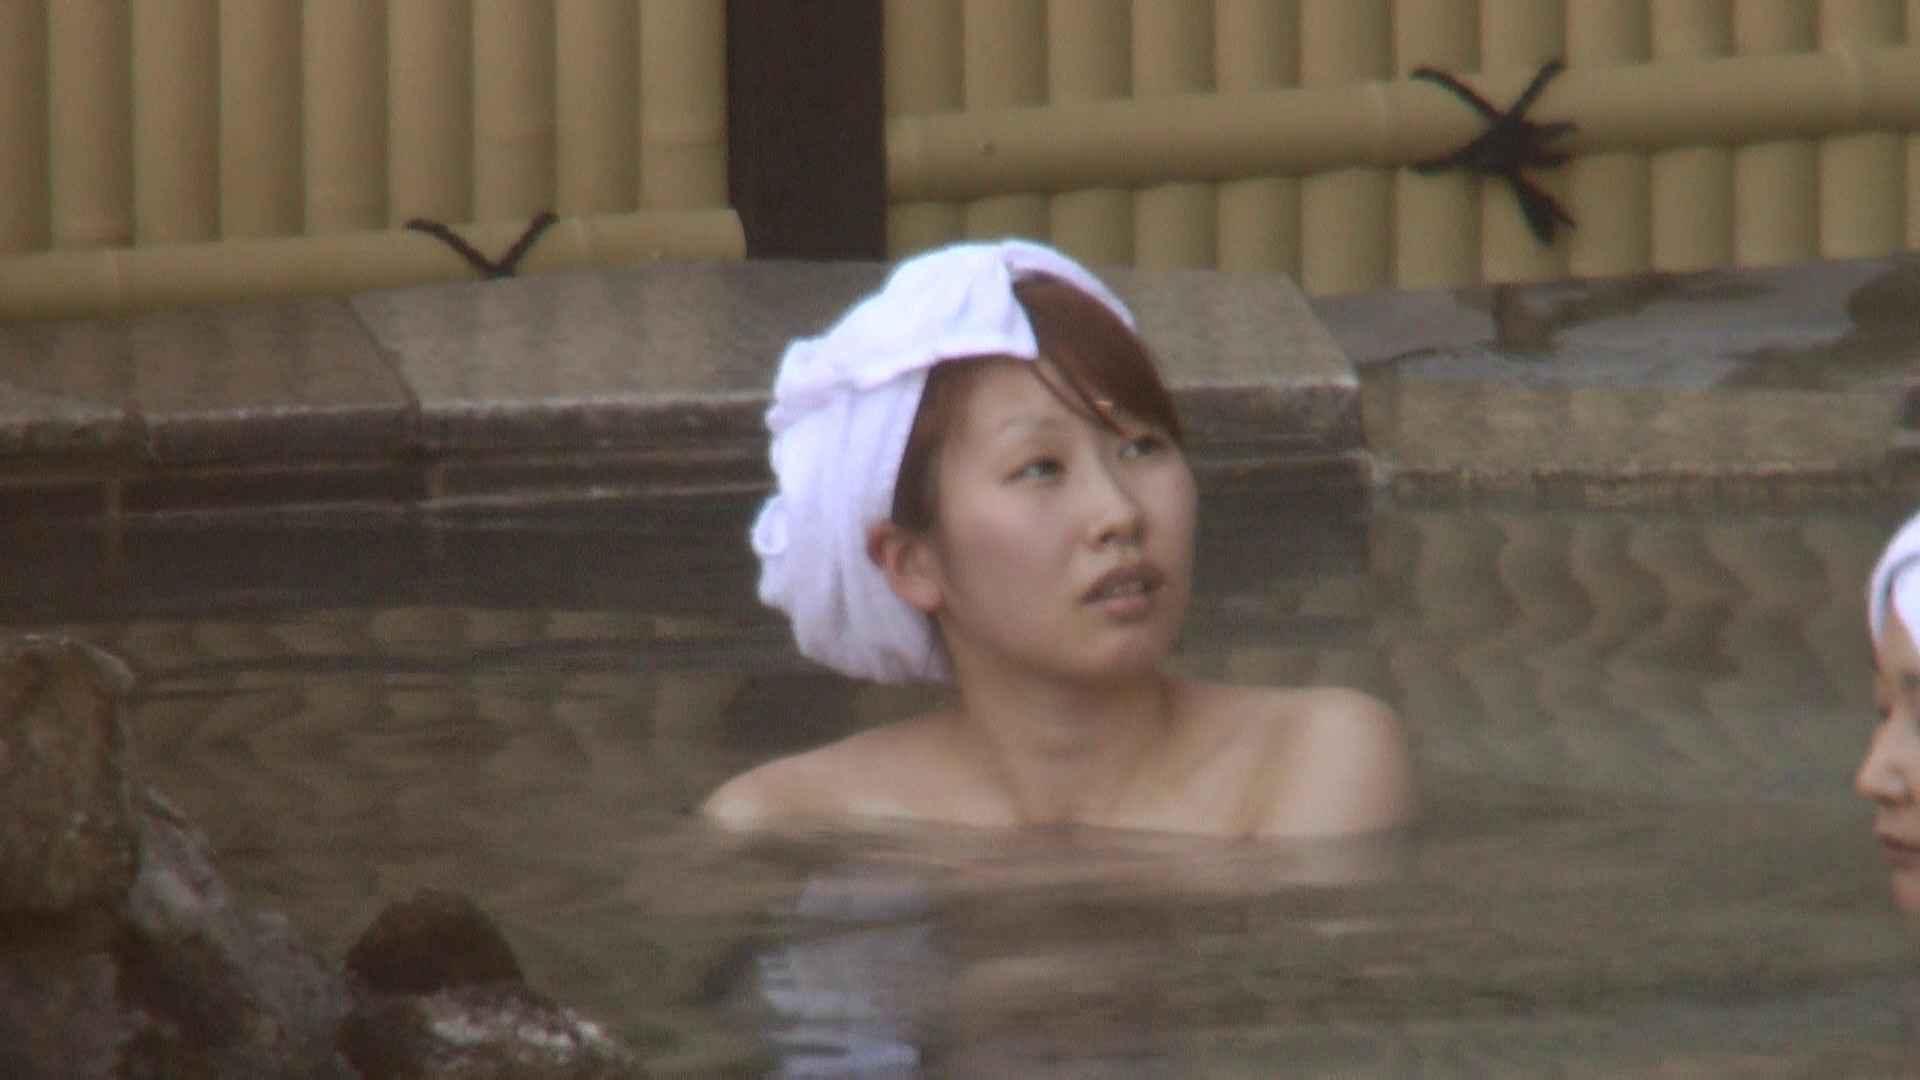 Aquaな露天風呂Vol.210 OLのエロ生活  83連発 54